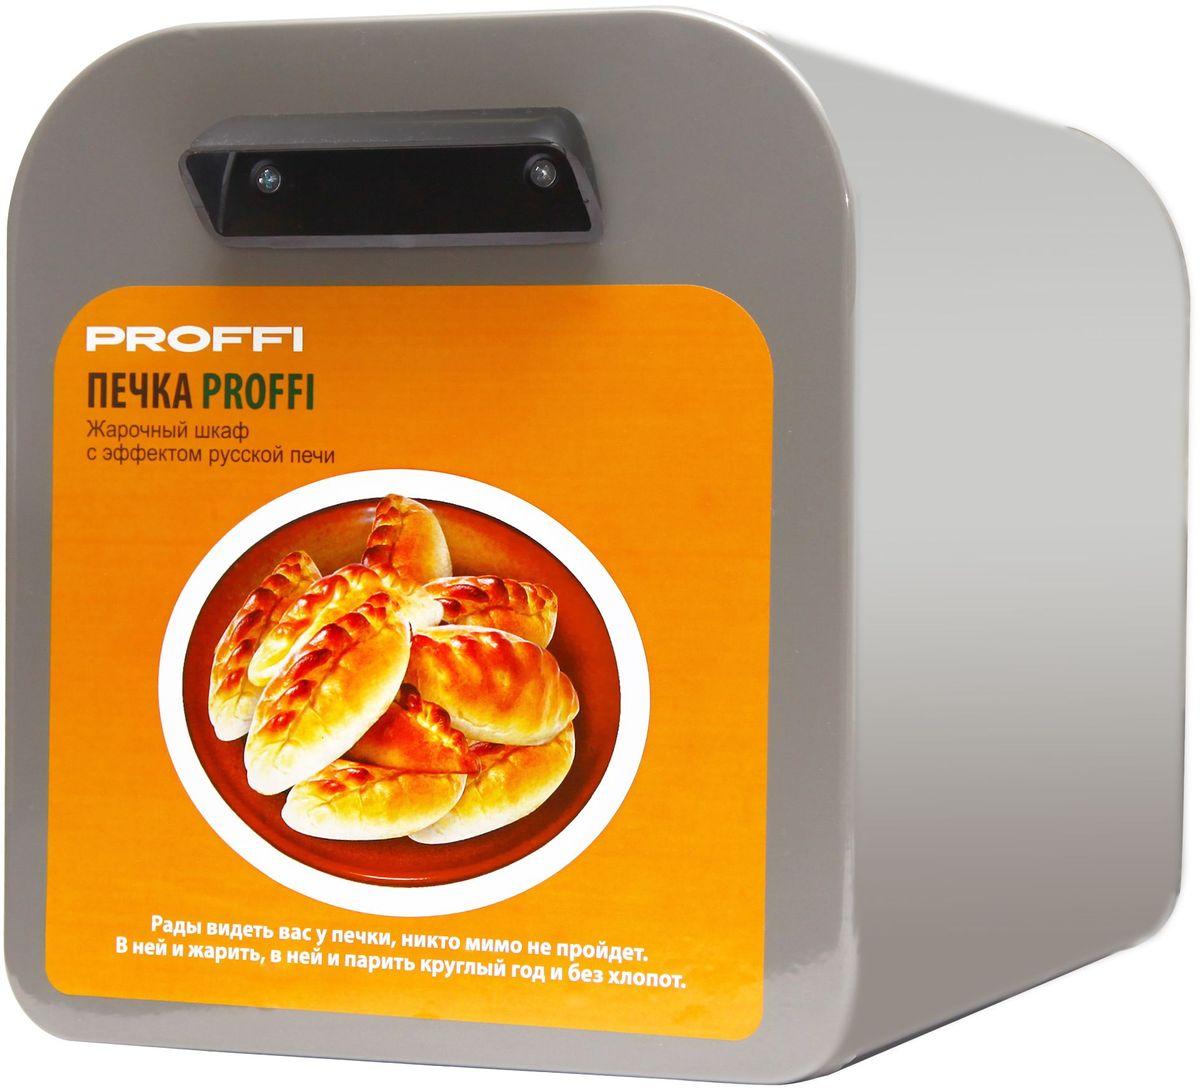 Печка Proffi. PH7567CM000001328Печка PROFFI предназначена для выпечки в домашних условиях различных изделий из теста, а также для запекания картофеля и приготовления блюд из мяса, птицы, рыбы. Также в нем можно сушить ягоды, грибы и фрукты. Эффект русской печки.Основные преимущества: 1. Высокие вкусовые качества приготовленных блюд. 2. Увеличенный срок службы (до 20 лет). 3. Гарантийный срок - 24 месяца. 4. Низкое энергопотребление.5. Отсутствие микроволн. 6. Легкость и простота эксплуатации. Технические характеристики:Размер жарочного шкафа: 350 x 250 x 280 мм. Внутренние размеры: 315 x 205 x 205 мм. Масса: 6 кг.Номинальное напряжение: 220 В. Номинальная потребляемая мощность: 0,625 кВт. Время разогрева до температуры 250 С: 20 мин.